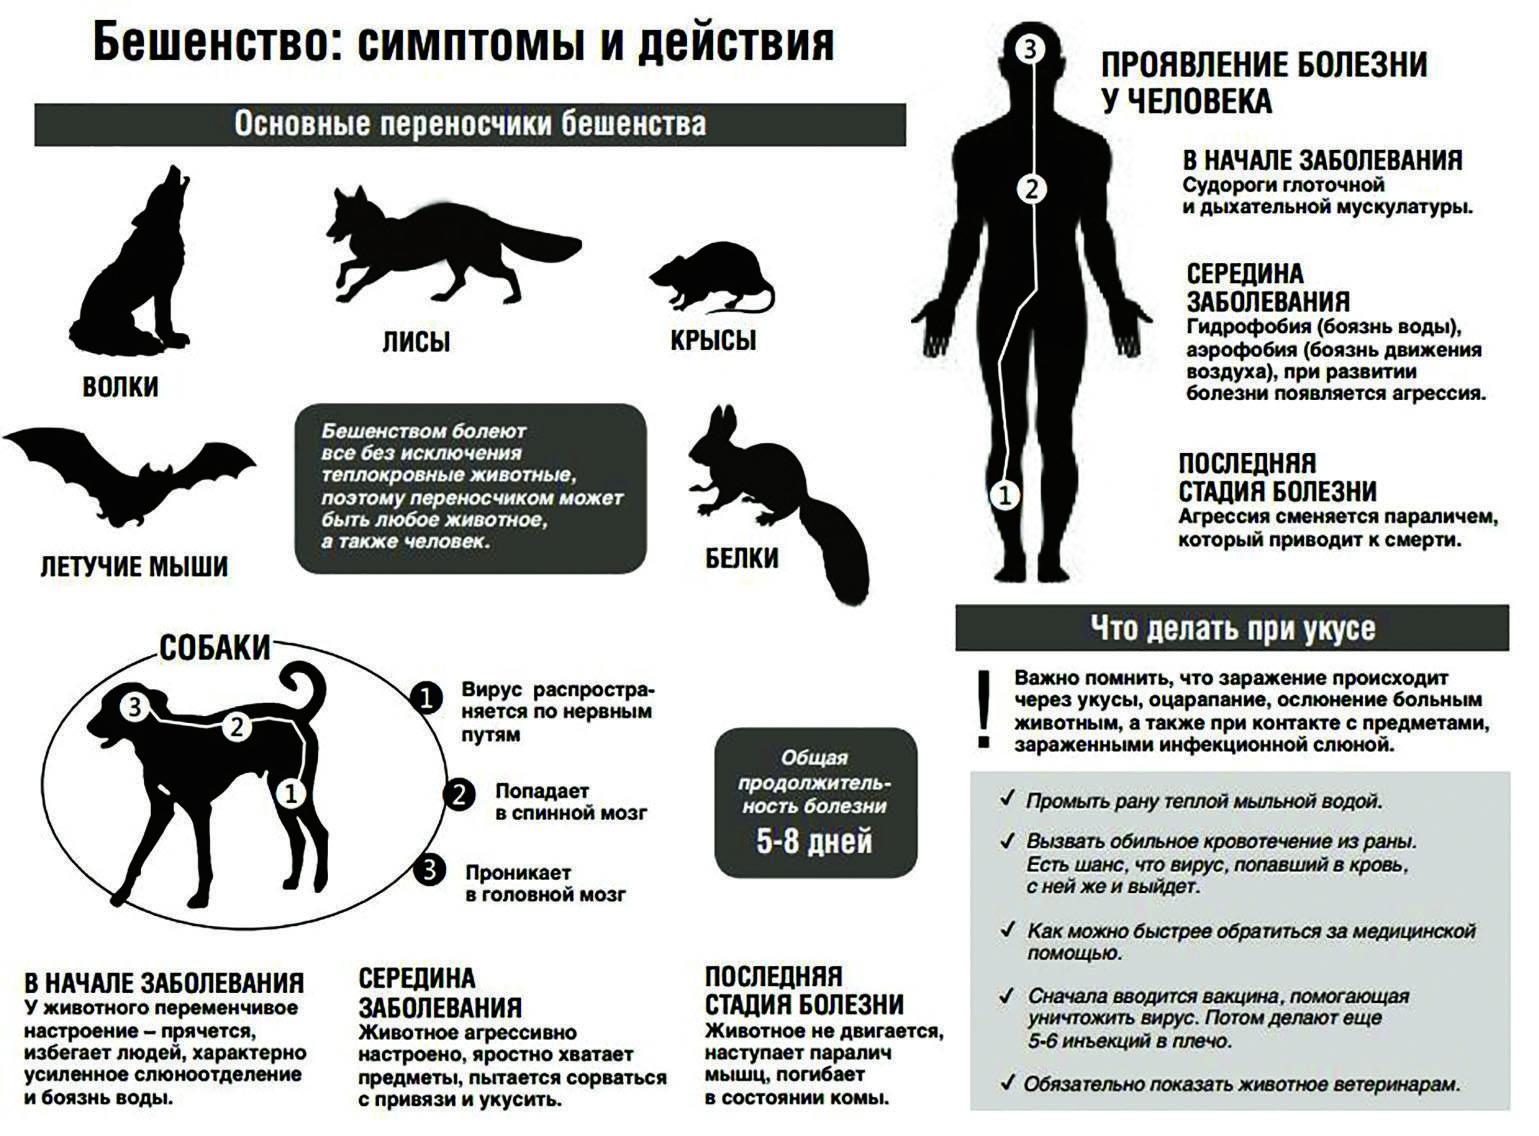 Бешенство у собак: симптомы, признаки заболевания, лечение и прививки